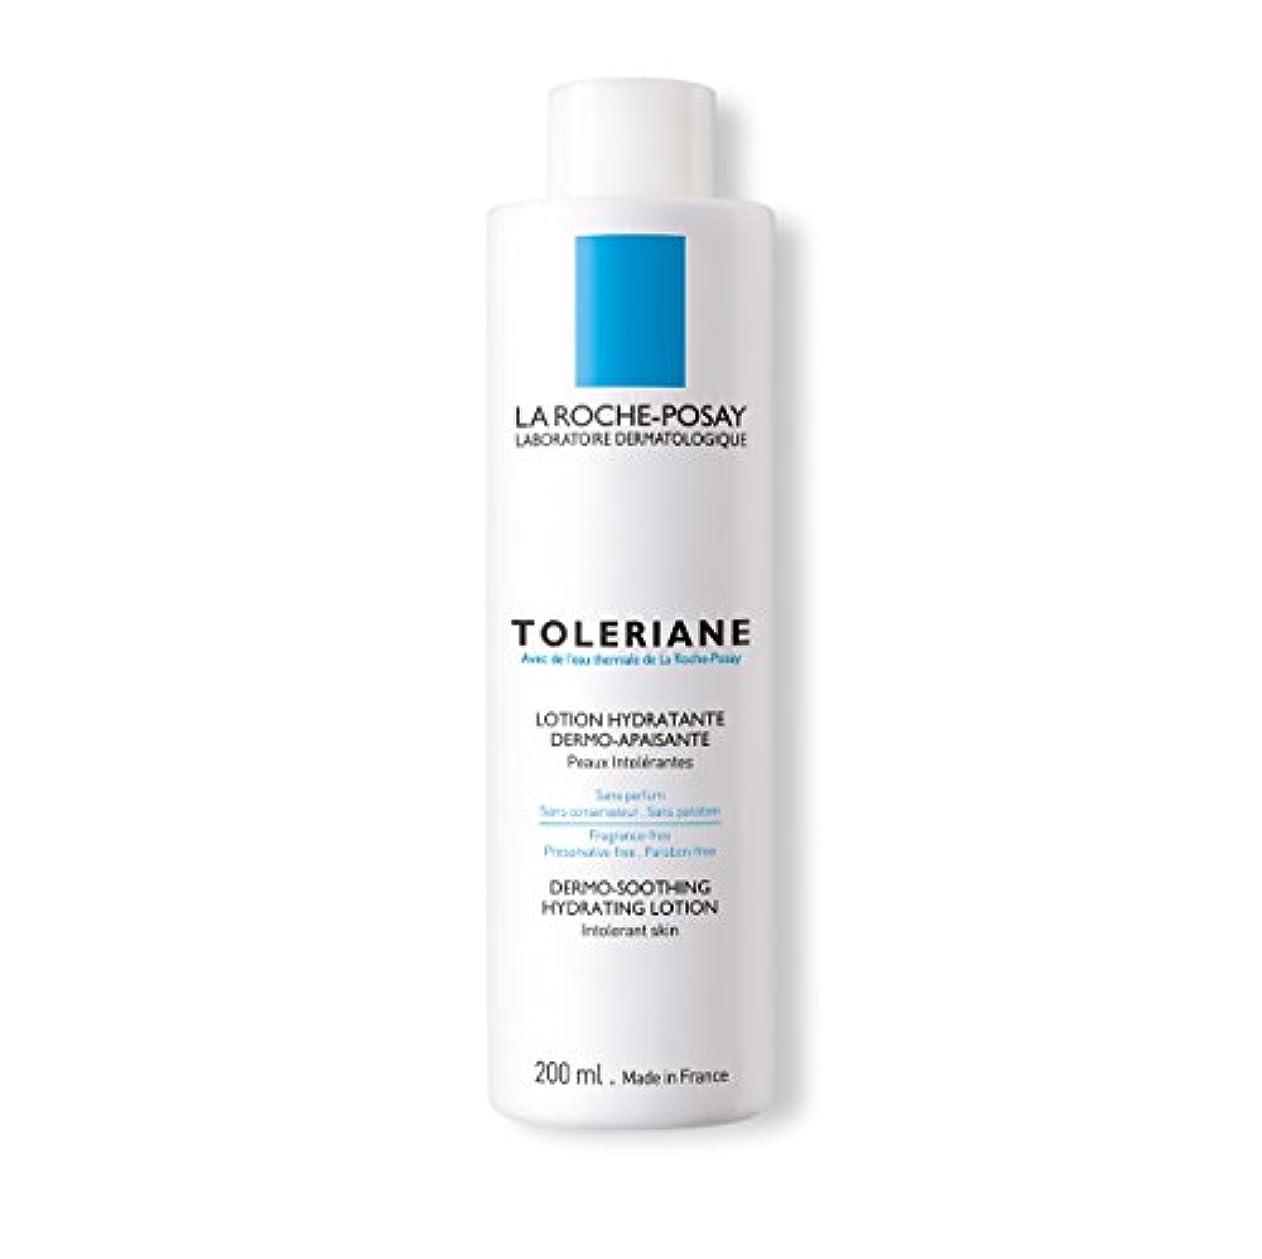 本質的ではないパール典型的なラ ロッシュ ポゼ【保湿化粧水】 トレリアン モイスチャーローション 200mL